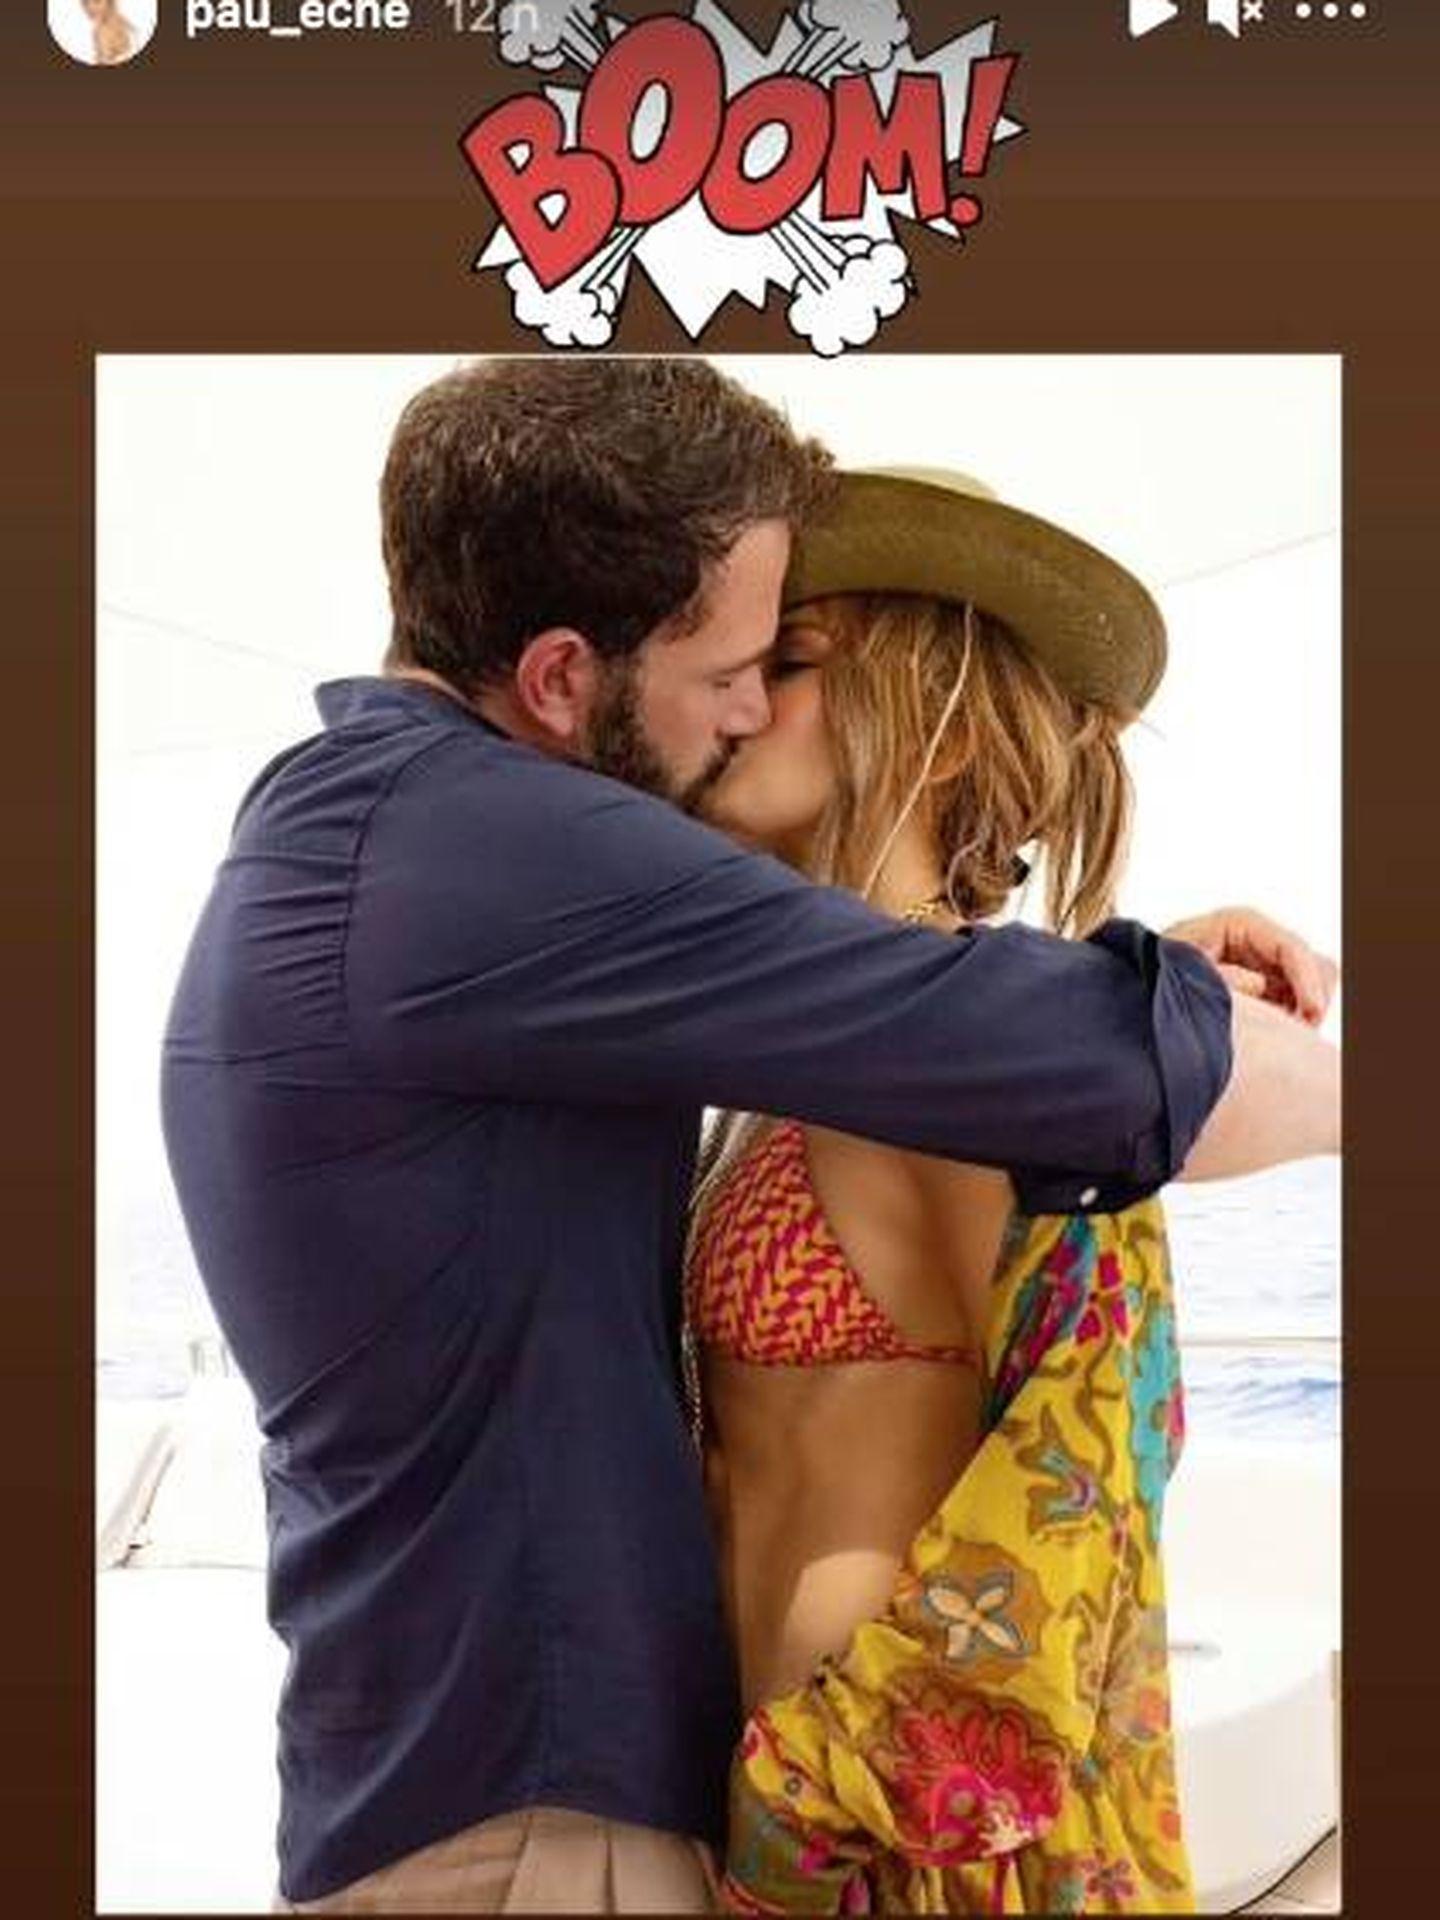 Paula Echevarría, compartiendo el beso de Bennifer. (Instagram @pau_eche)